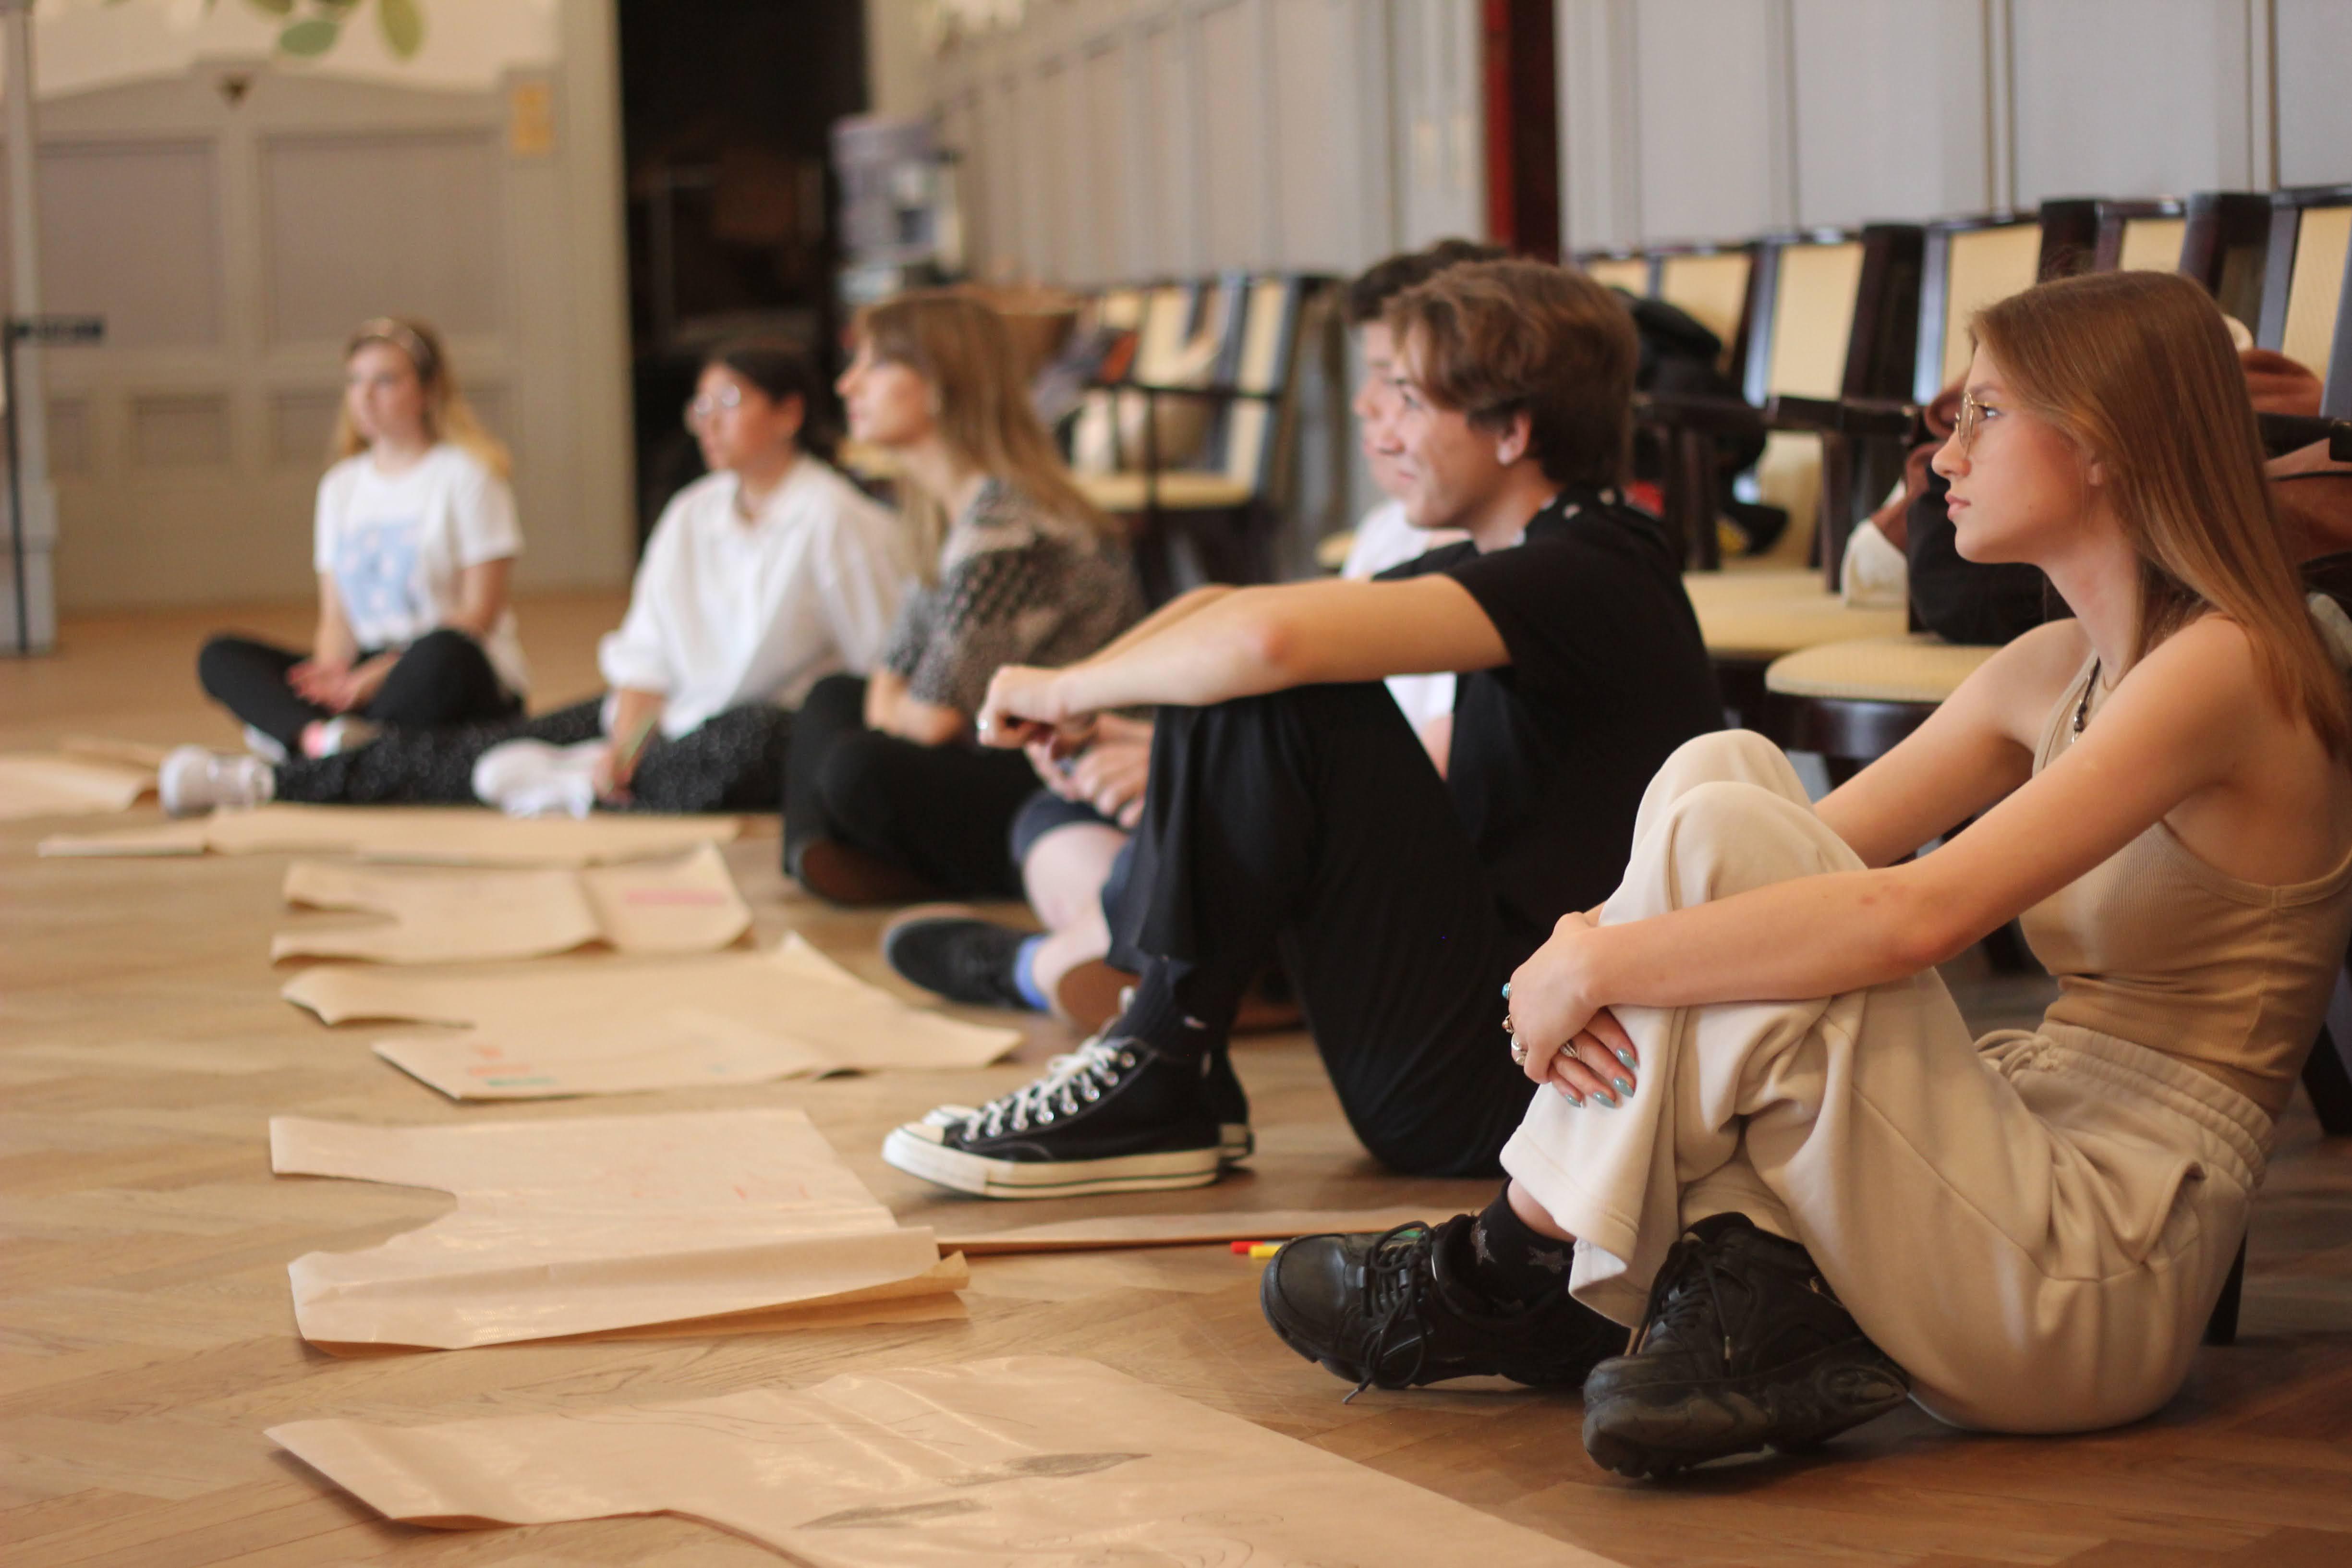 NOWY STARY - warsztaty dla młodzieży